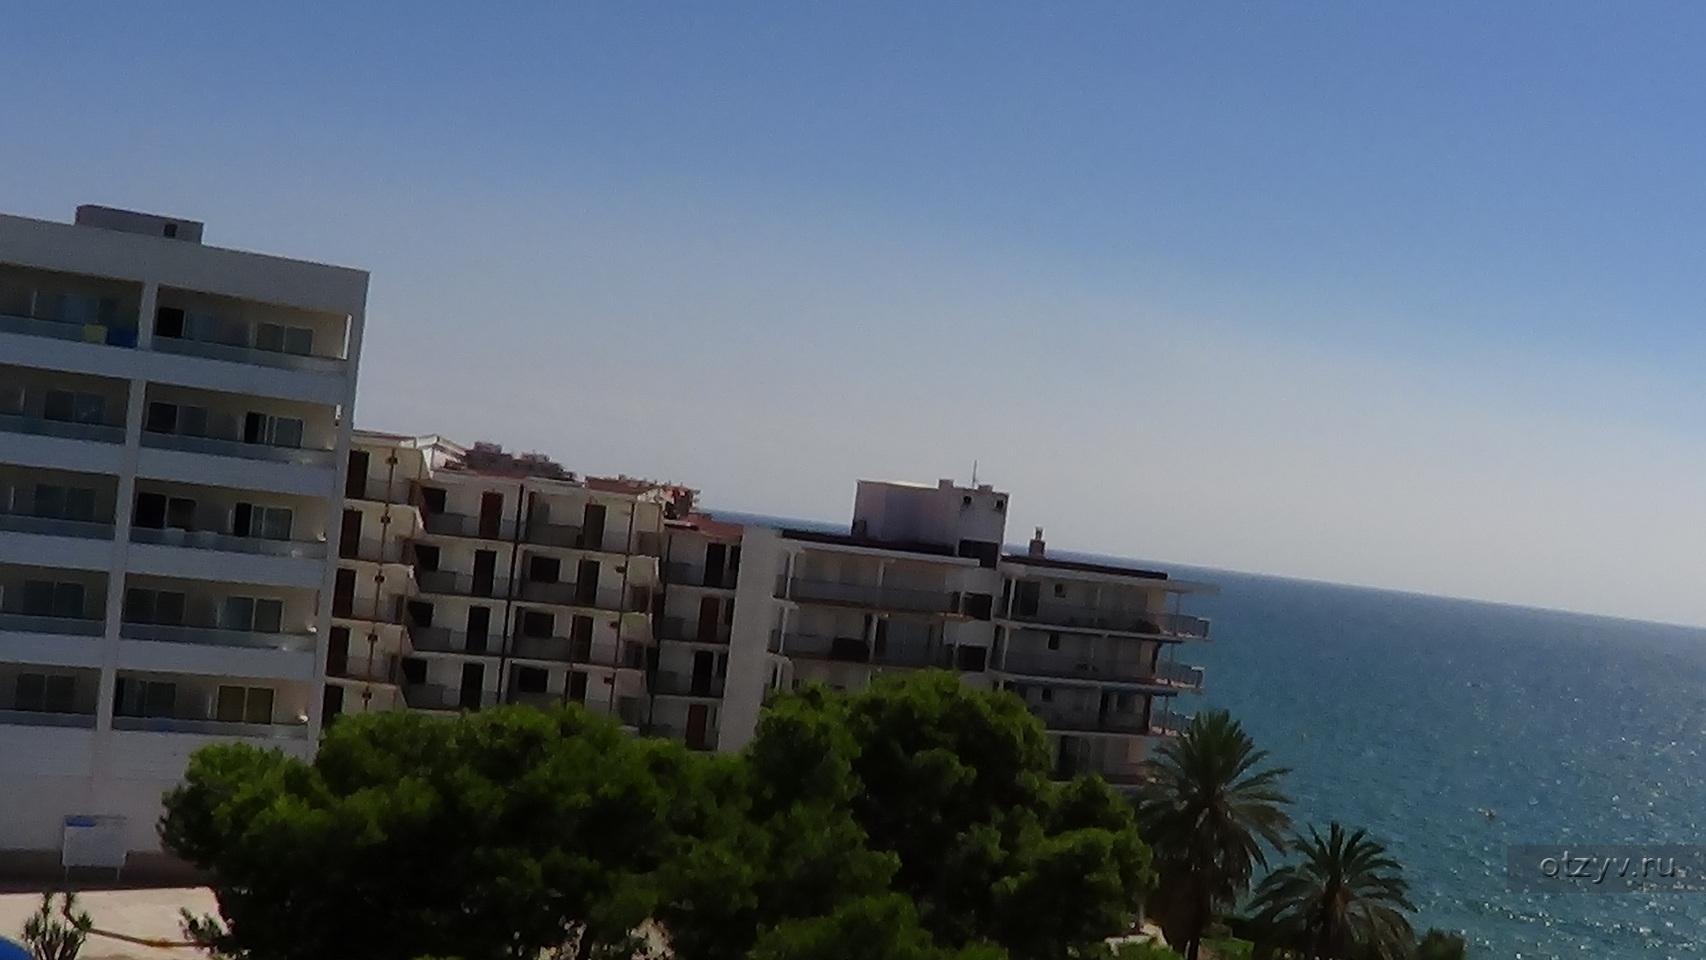 Hotel best negresco Crotone